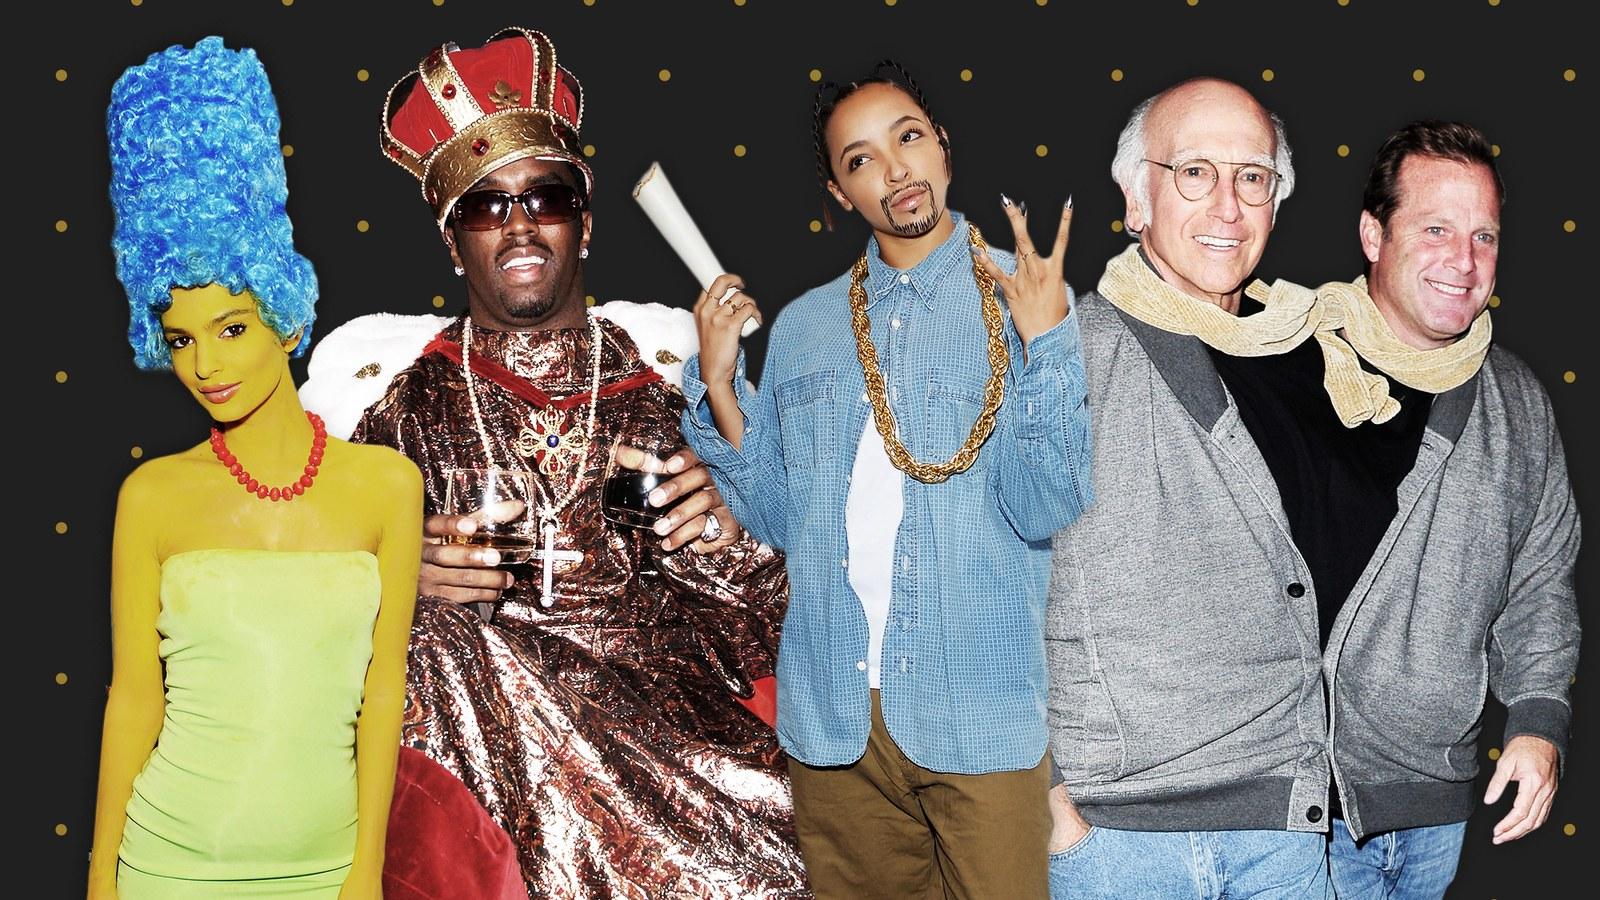 Dead celebrities costumes halloween